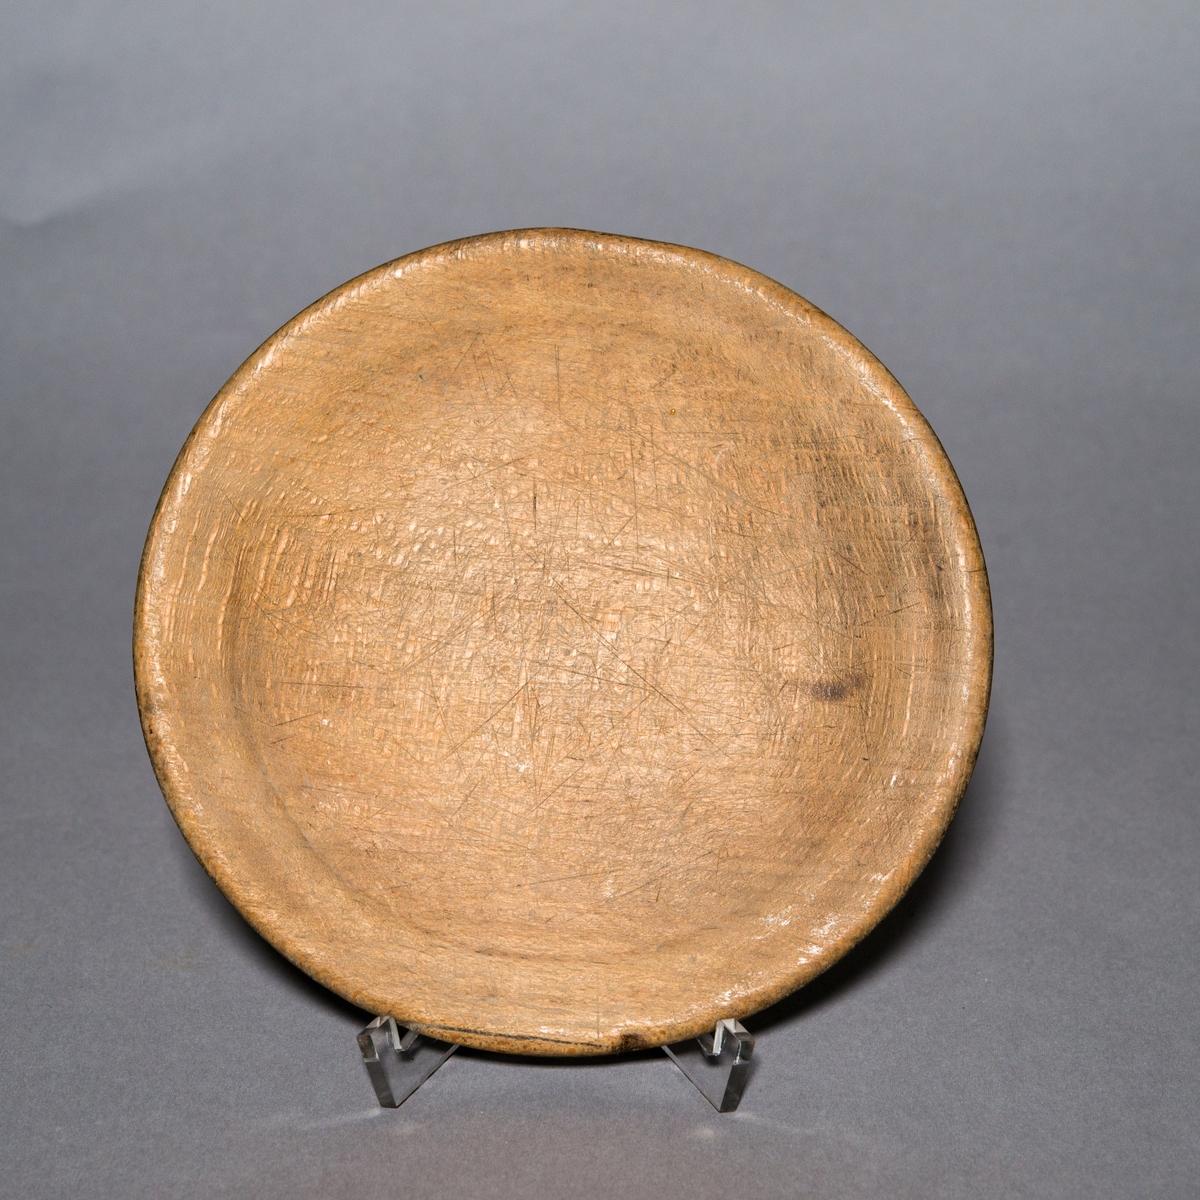 Tallrik av trä, trädisk, rund, svarvad. Rester av brunsvart färg.